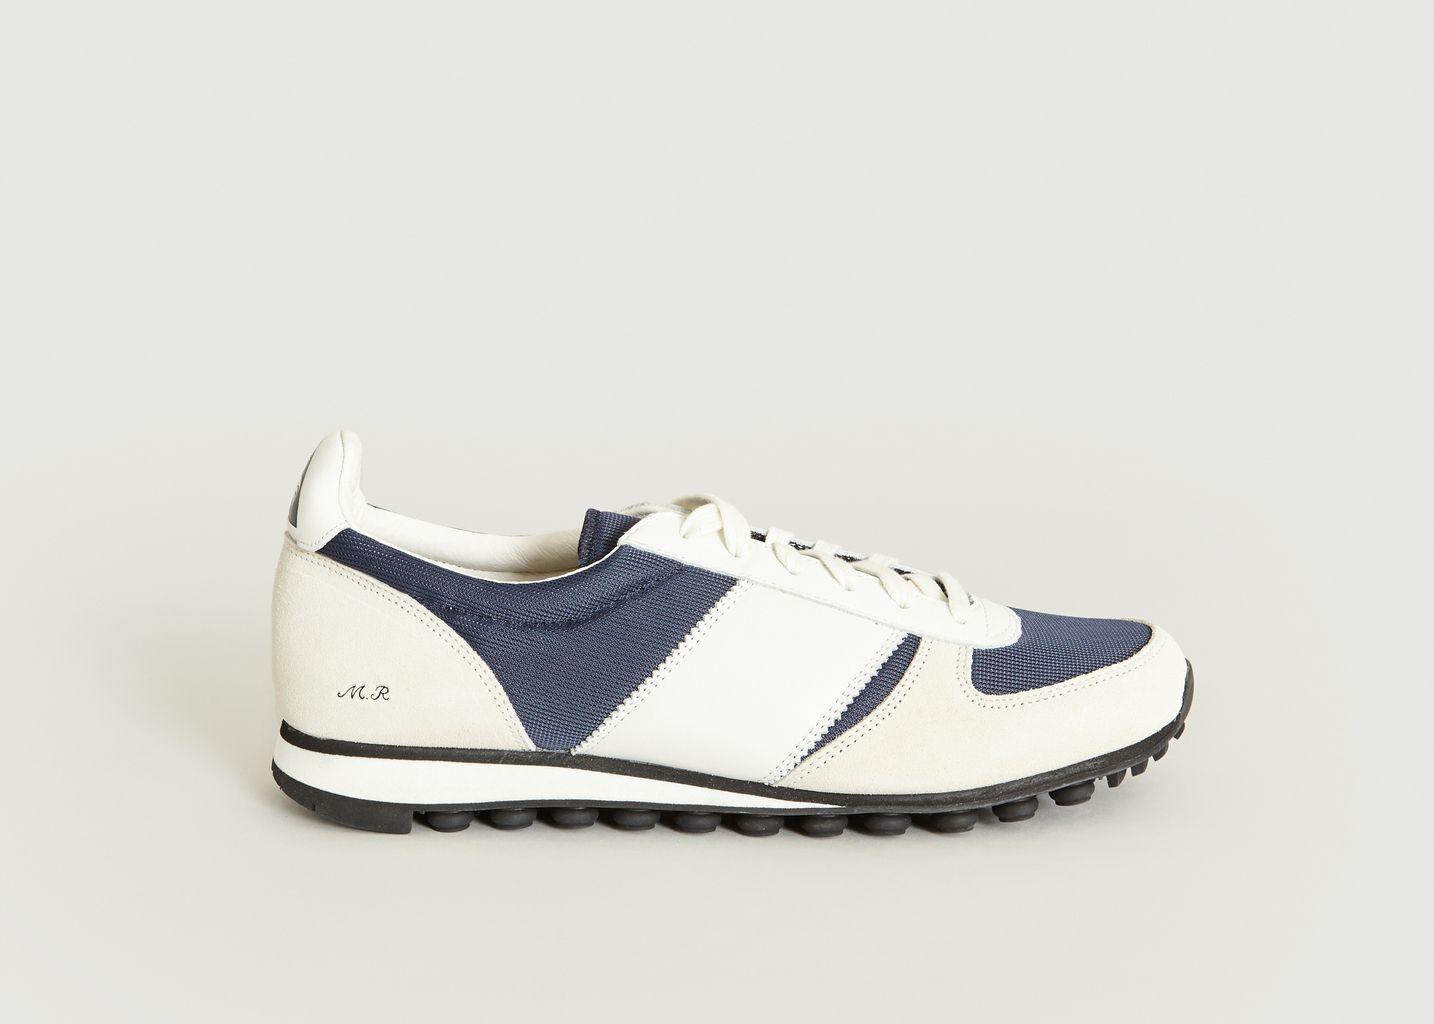 3708e75eaf0 Sneakers Éditions M.R x Le Coq Sportif Blanc Editions M.R